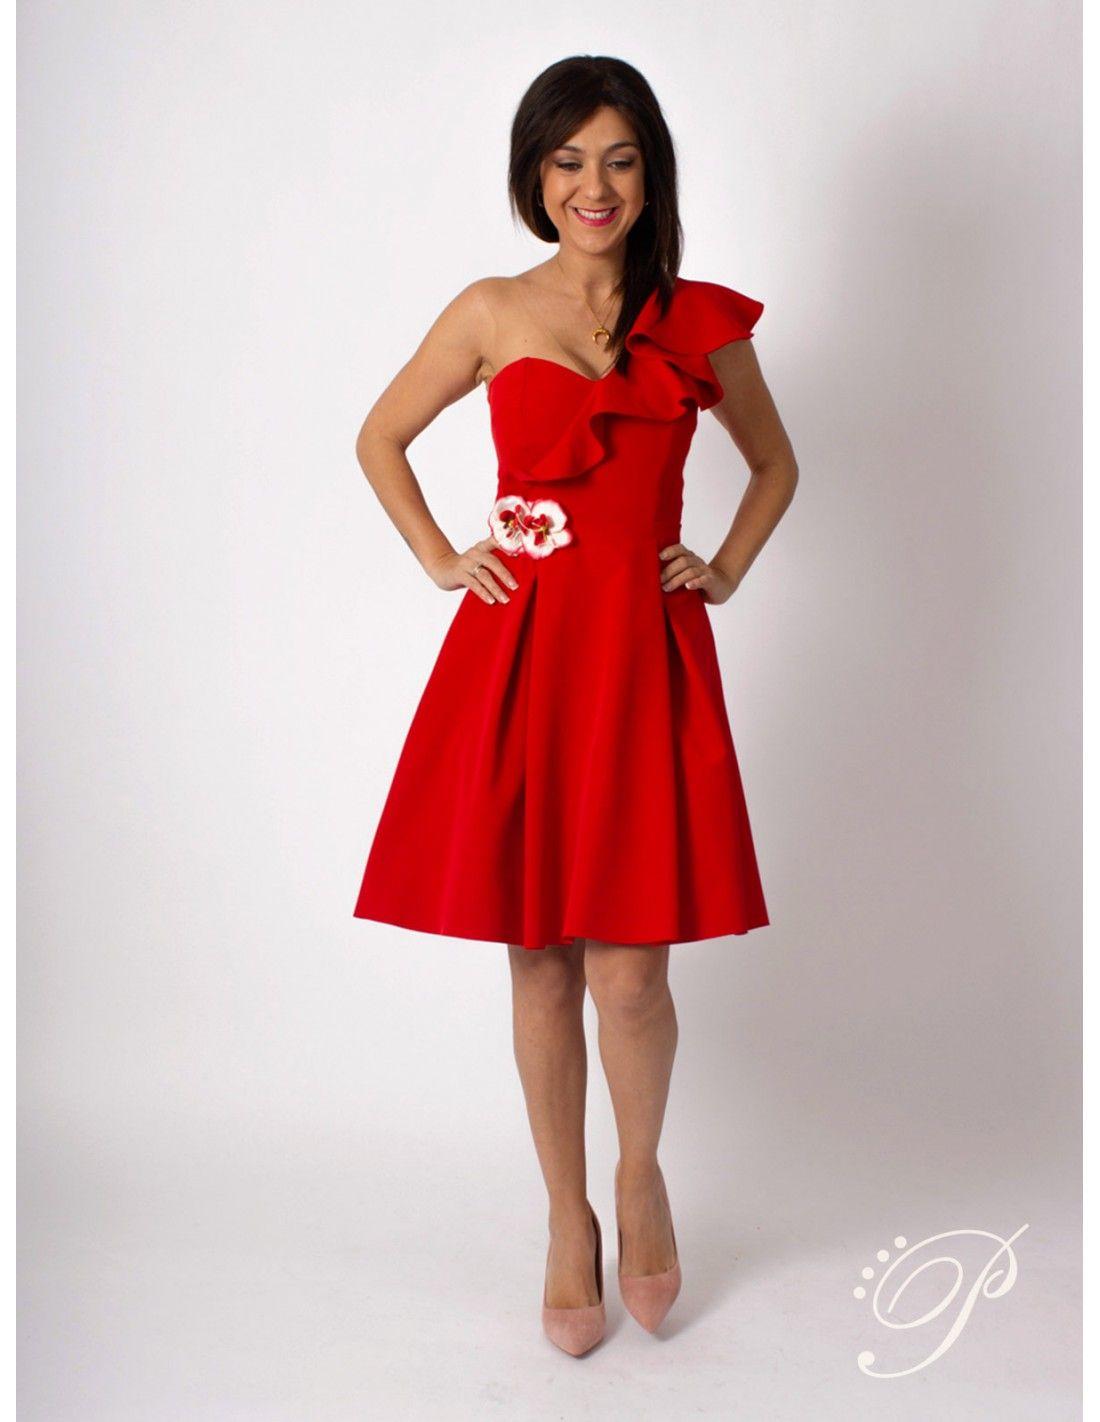 fc120548d4 Vestido Flor - Vestido en color rojo. Escote en pico. Detalle de volante en